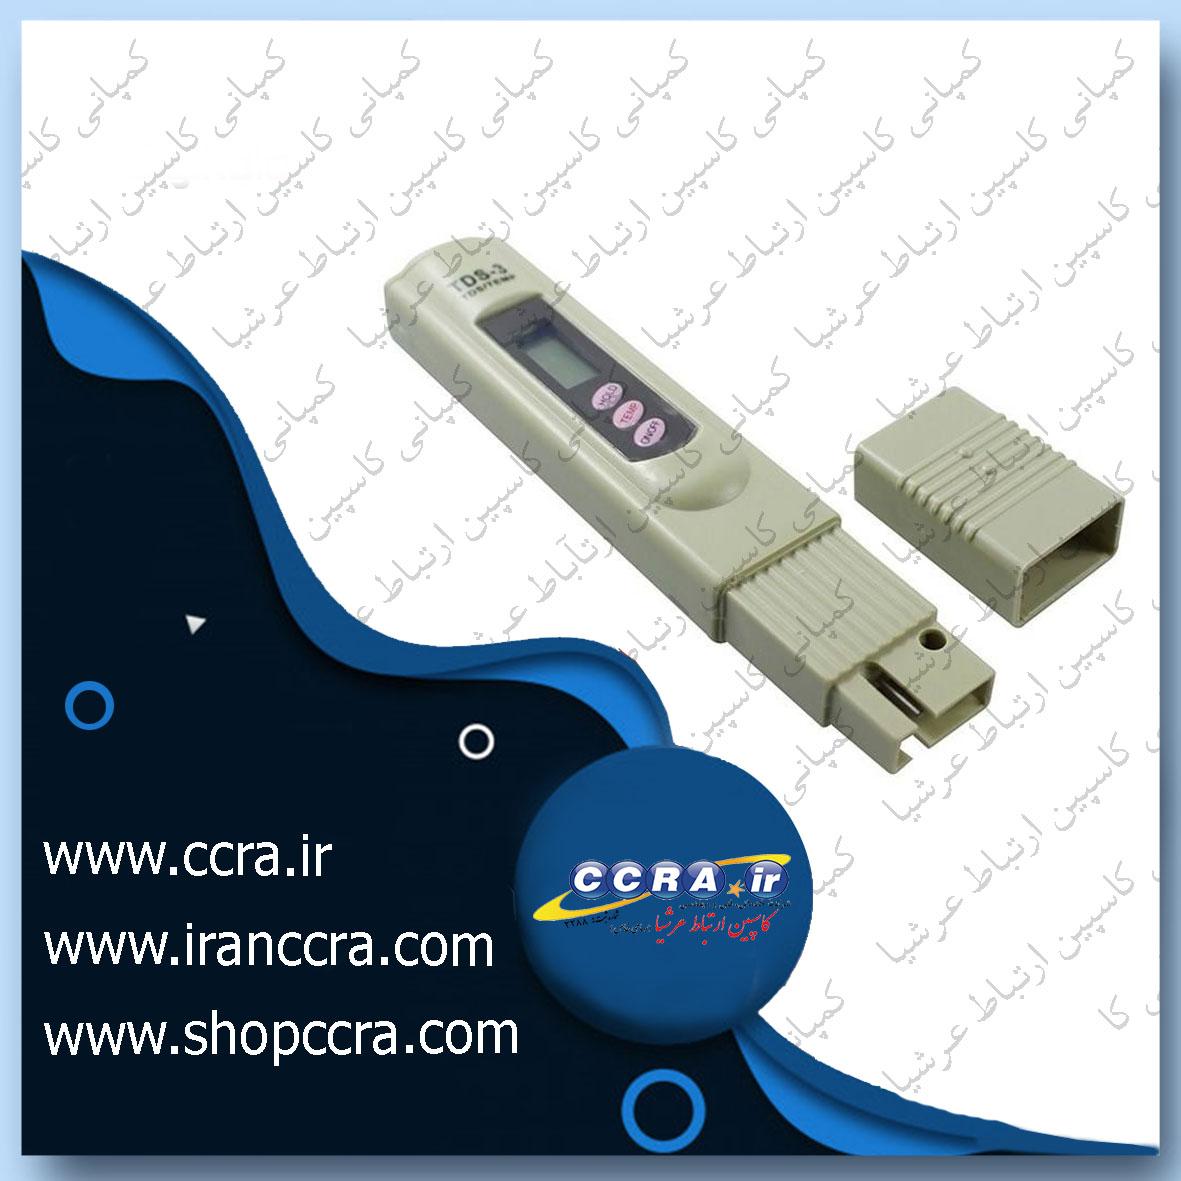 کاربرد دستگاه سختی سنج برای دستگاه های تصفیه آب خانگی آکوا لایف